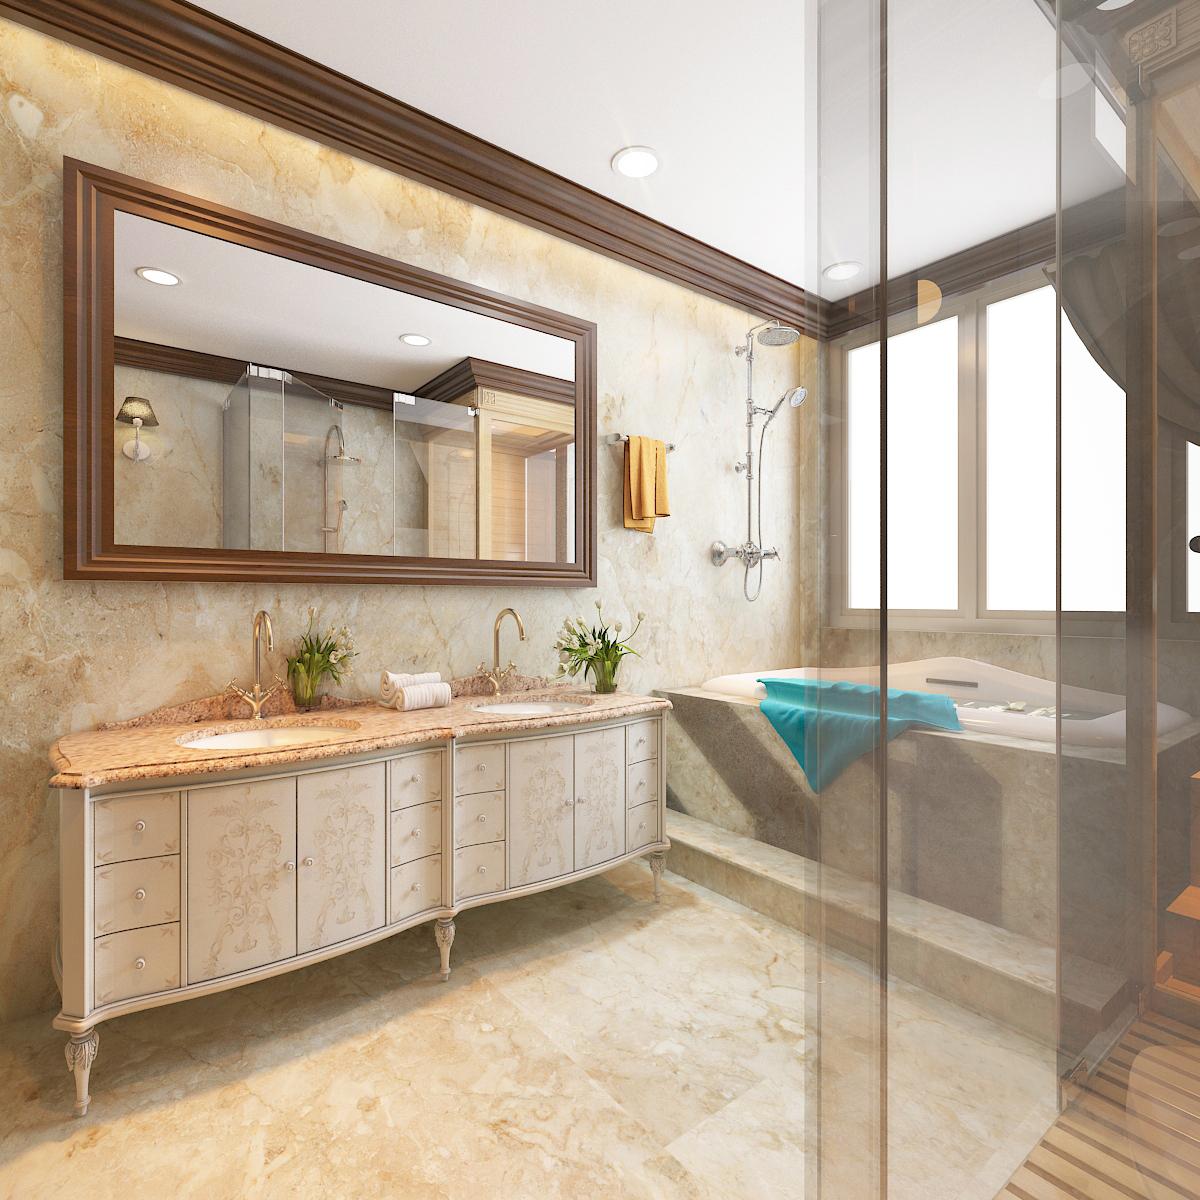 thiết kế nội thất Biệt Thự tại Hà Nội bt Vinhomes - riverside 37 1568276276